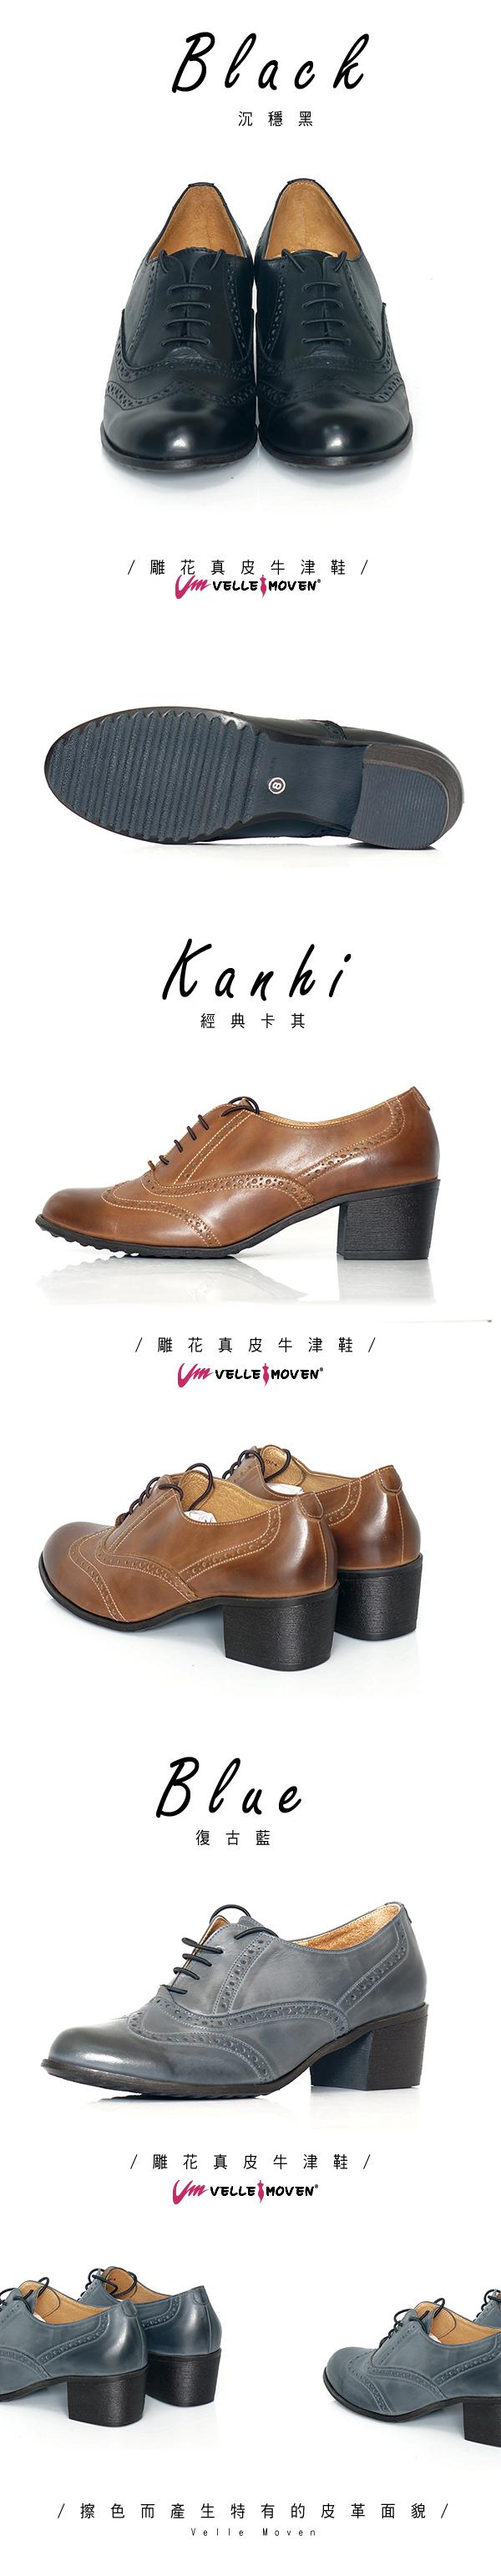 牛津鞋,VelleMoven,雕花,真皮,擦色特色皮革,優雅撞色,低調風格,沉穩黑/經典卡其/復古藍